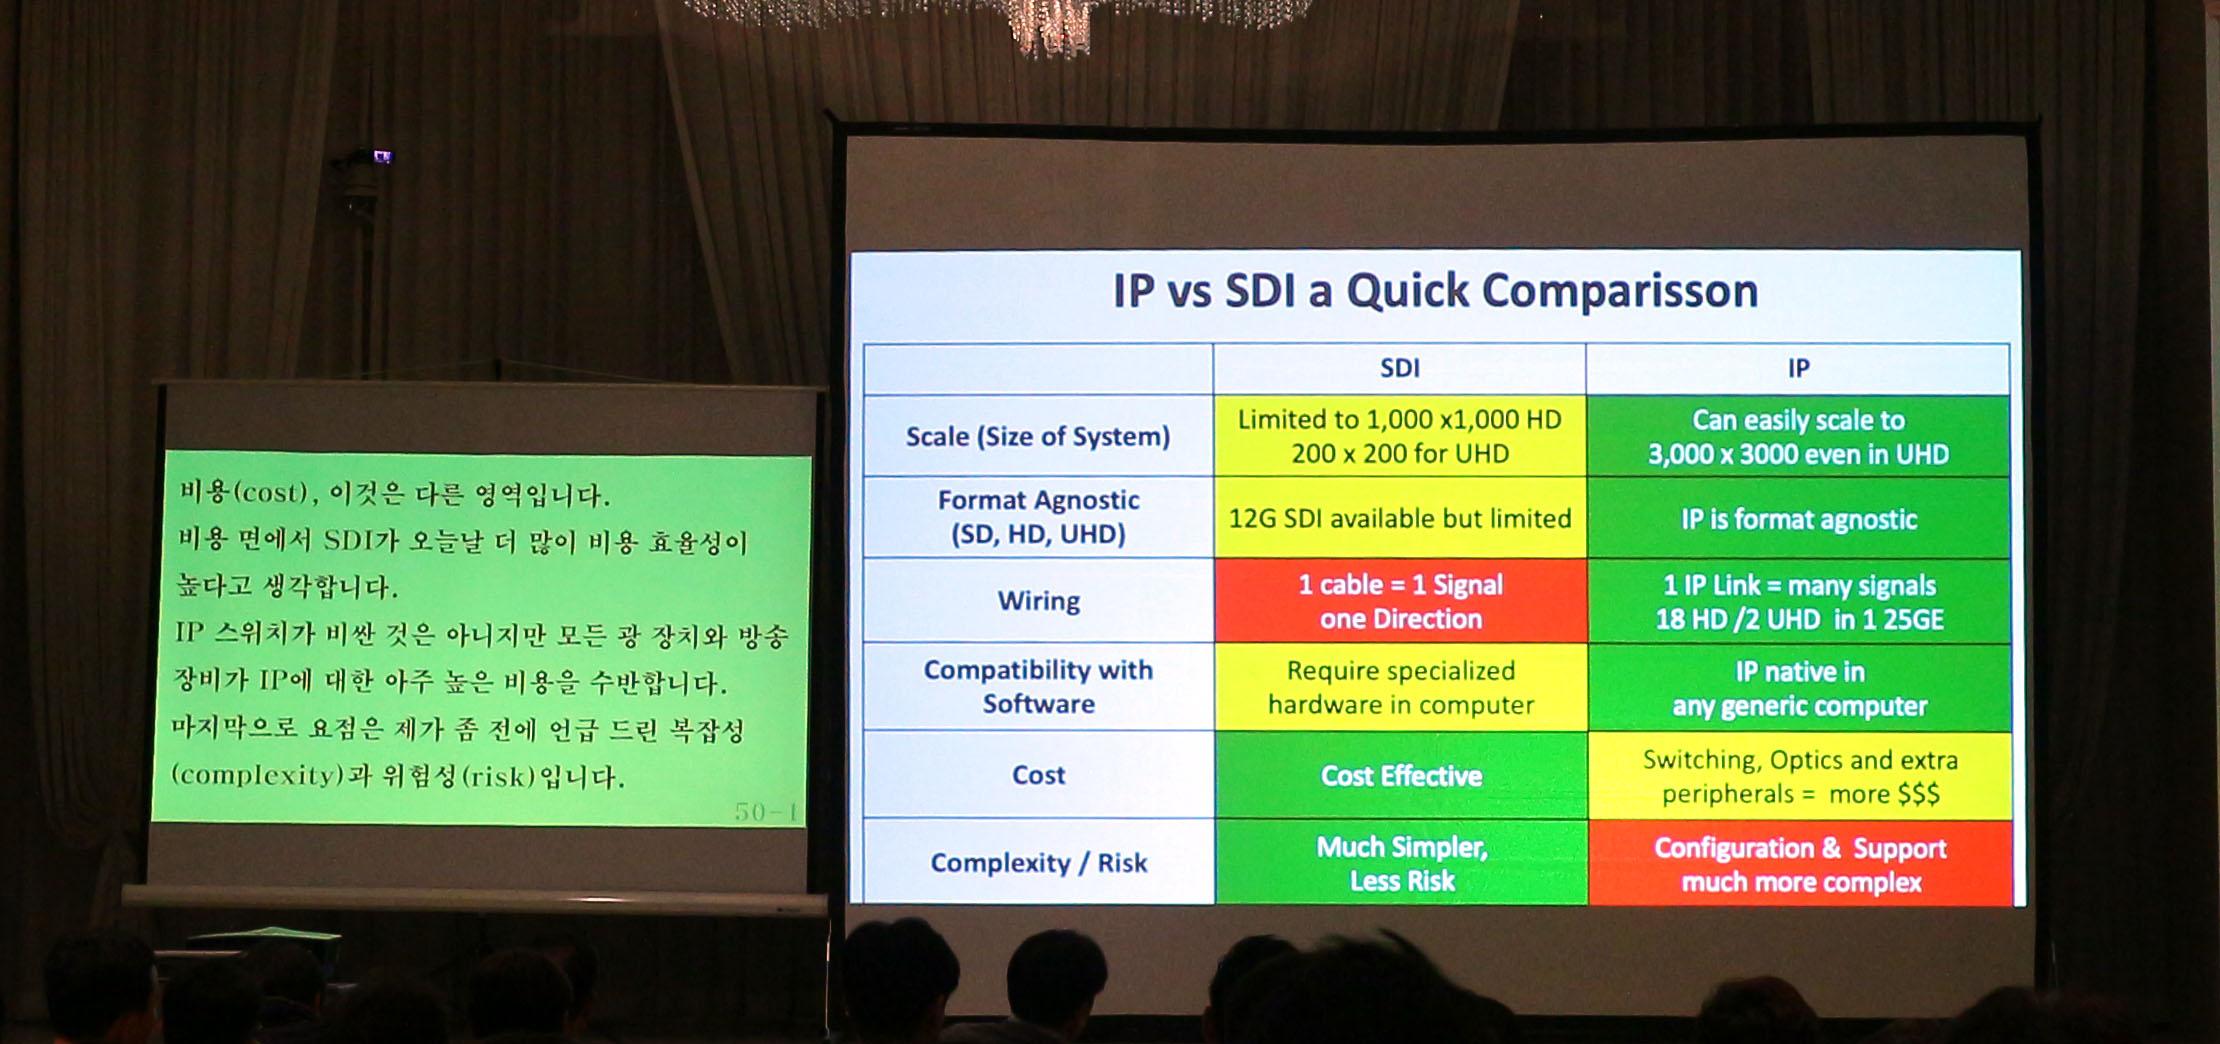 IP와 SDI의 비교 페이지, 본문 내용과 이를 풀이한 화면이 동시에 활용되었다